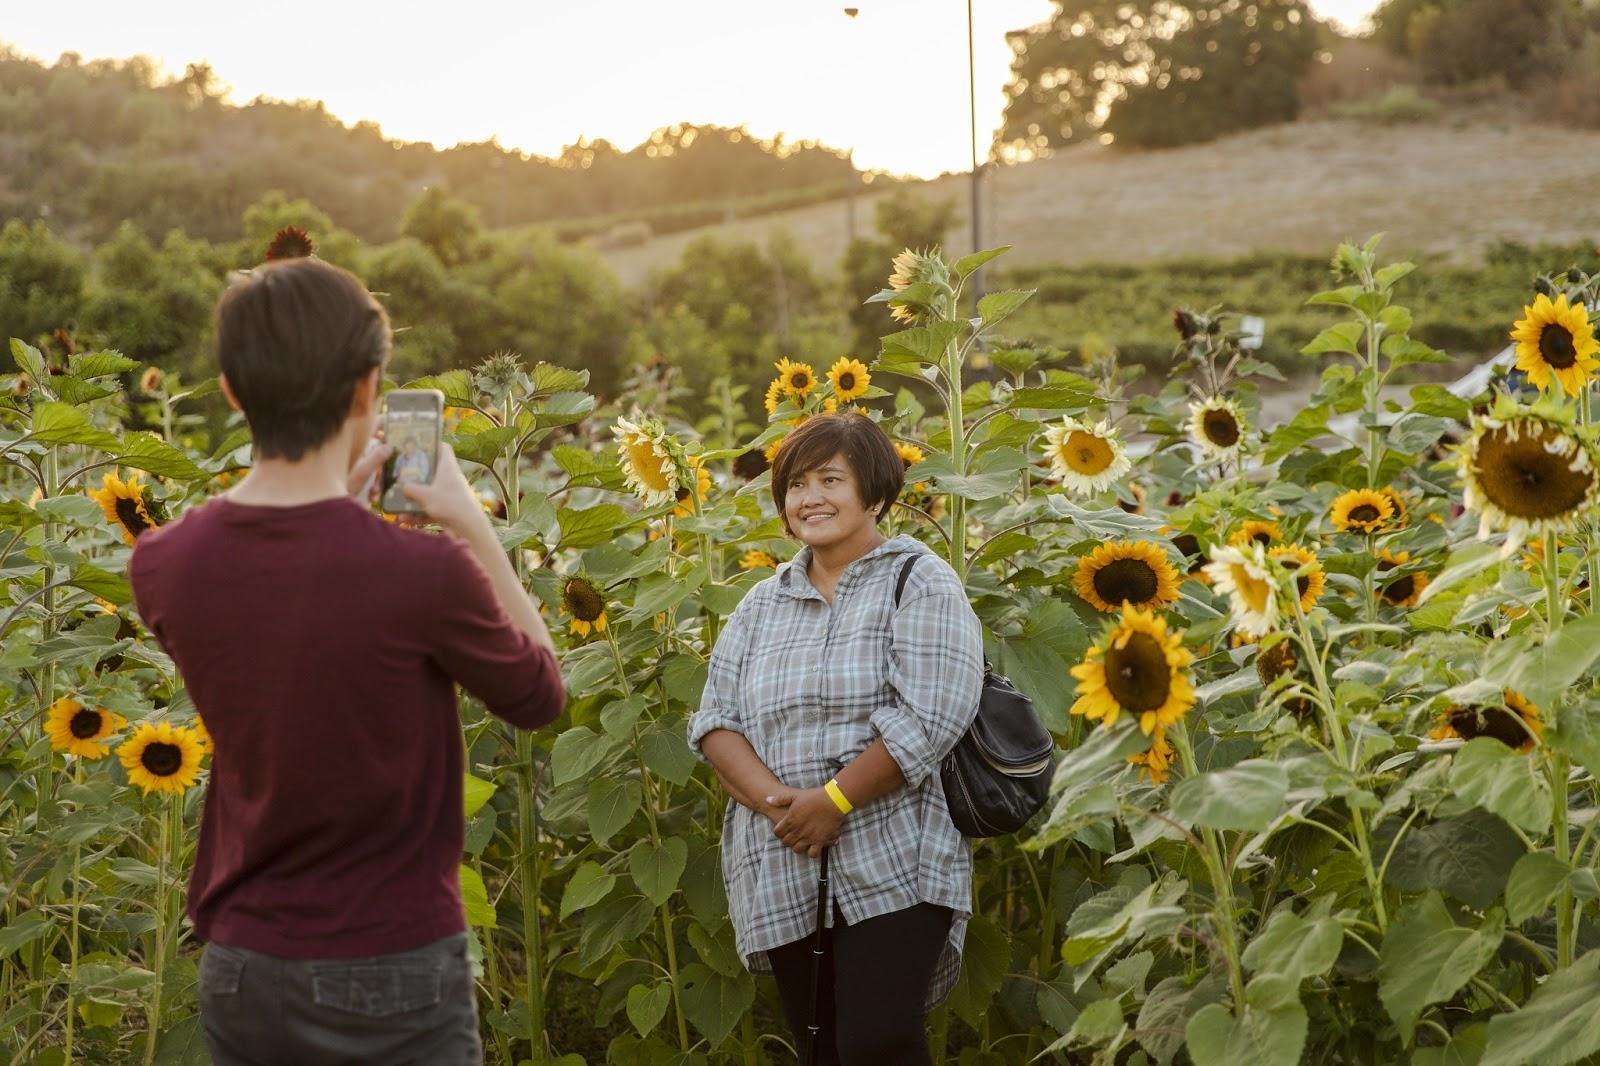 Women posing in sunflower field